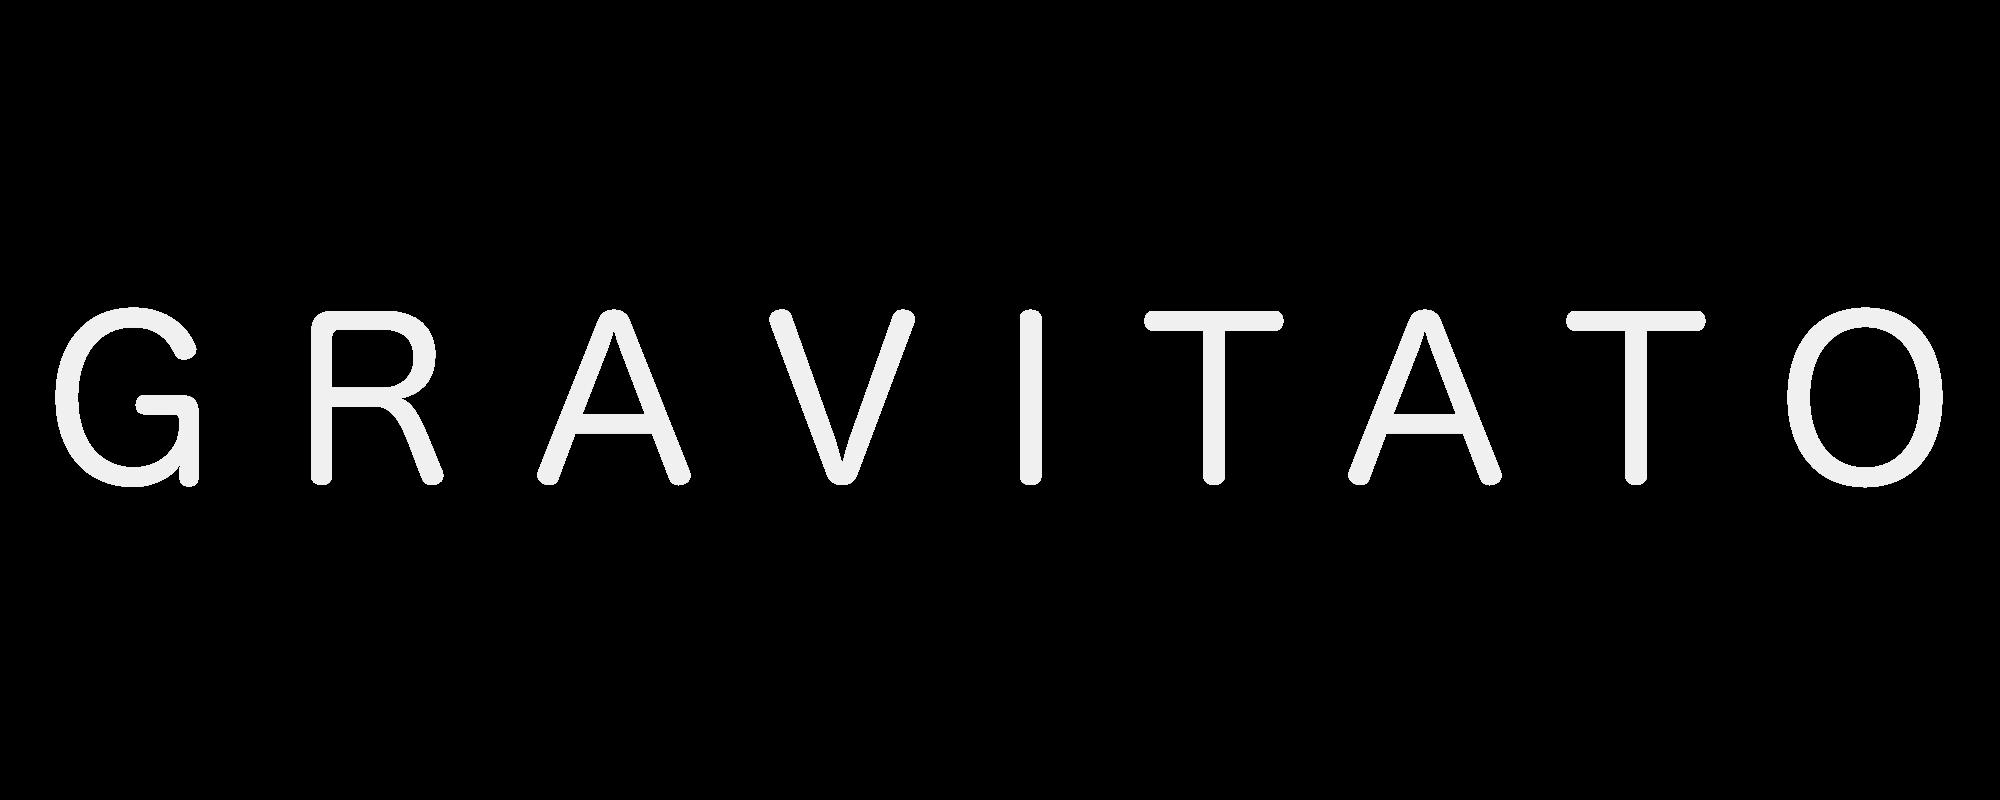 Gravitato logo